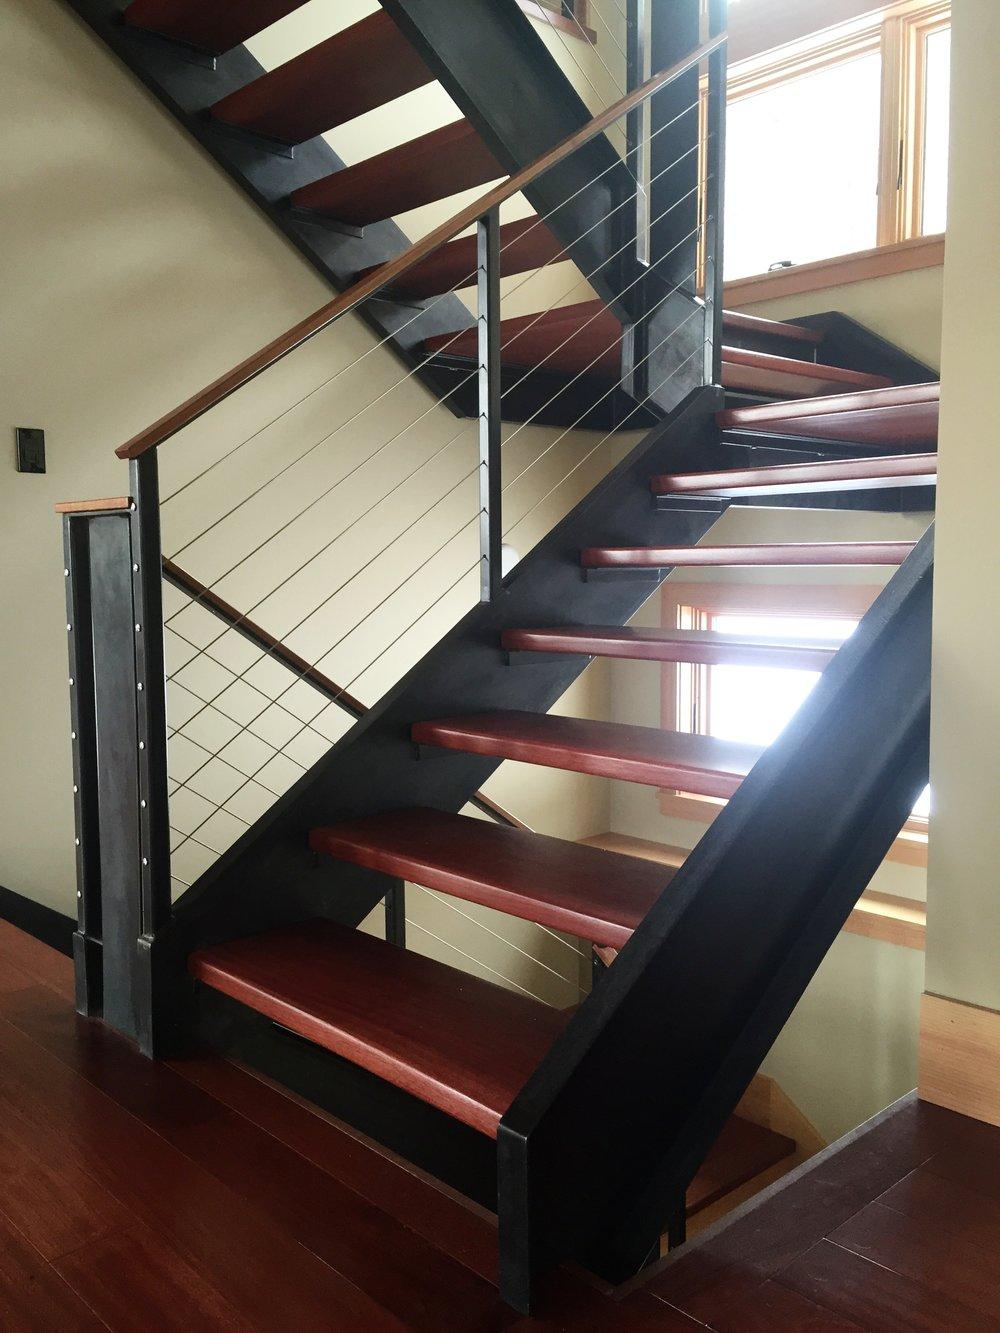 Stowe Stairs1.jpg